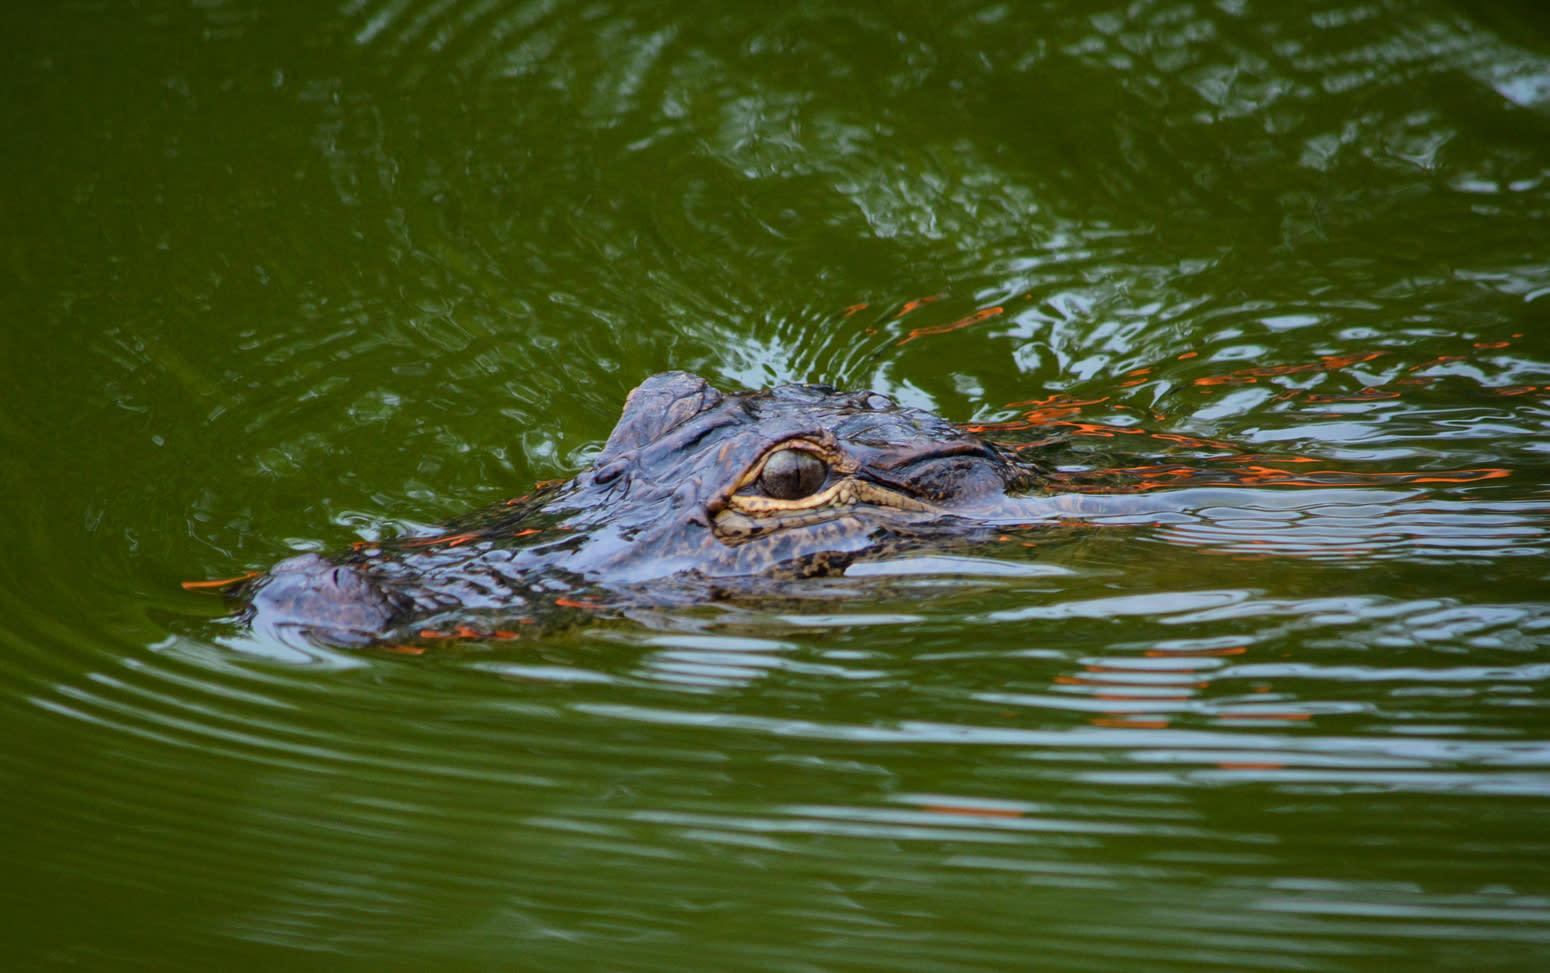 Lake Martin - Alligator